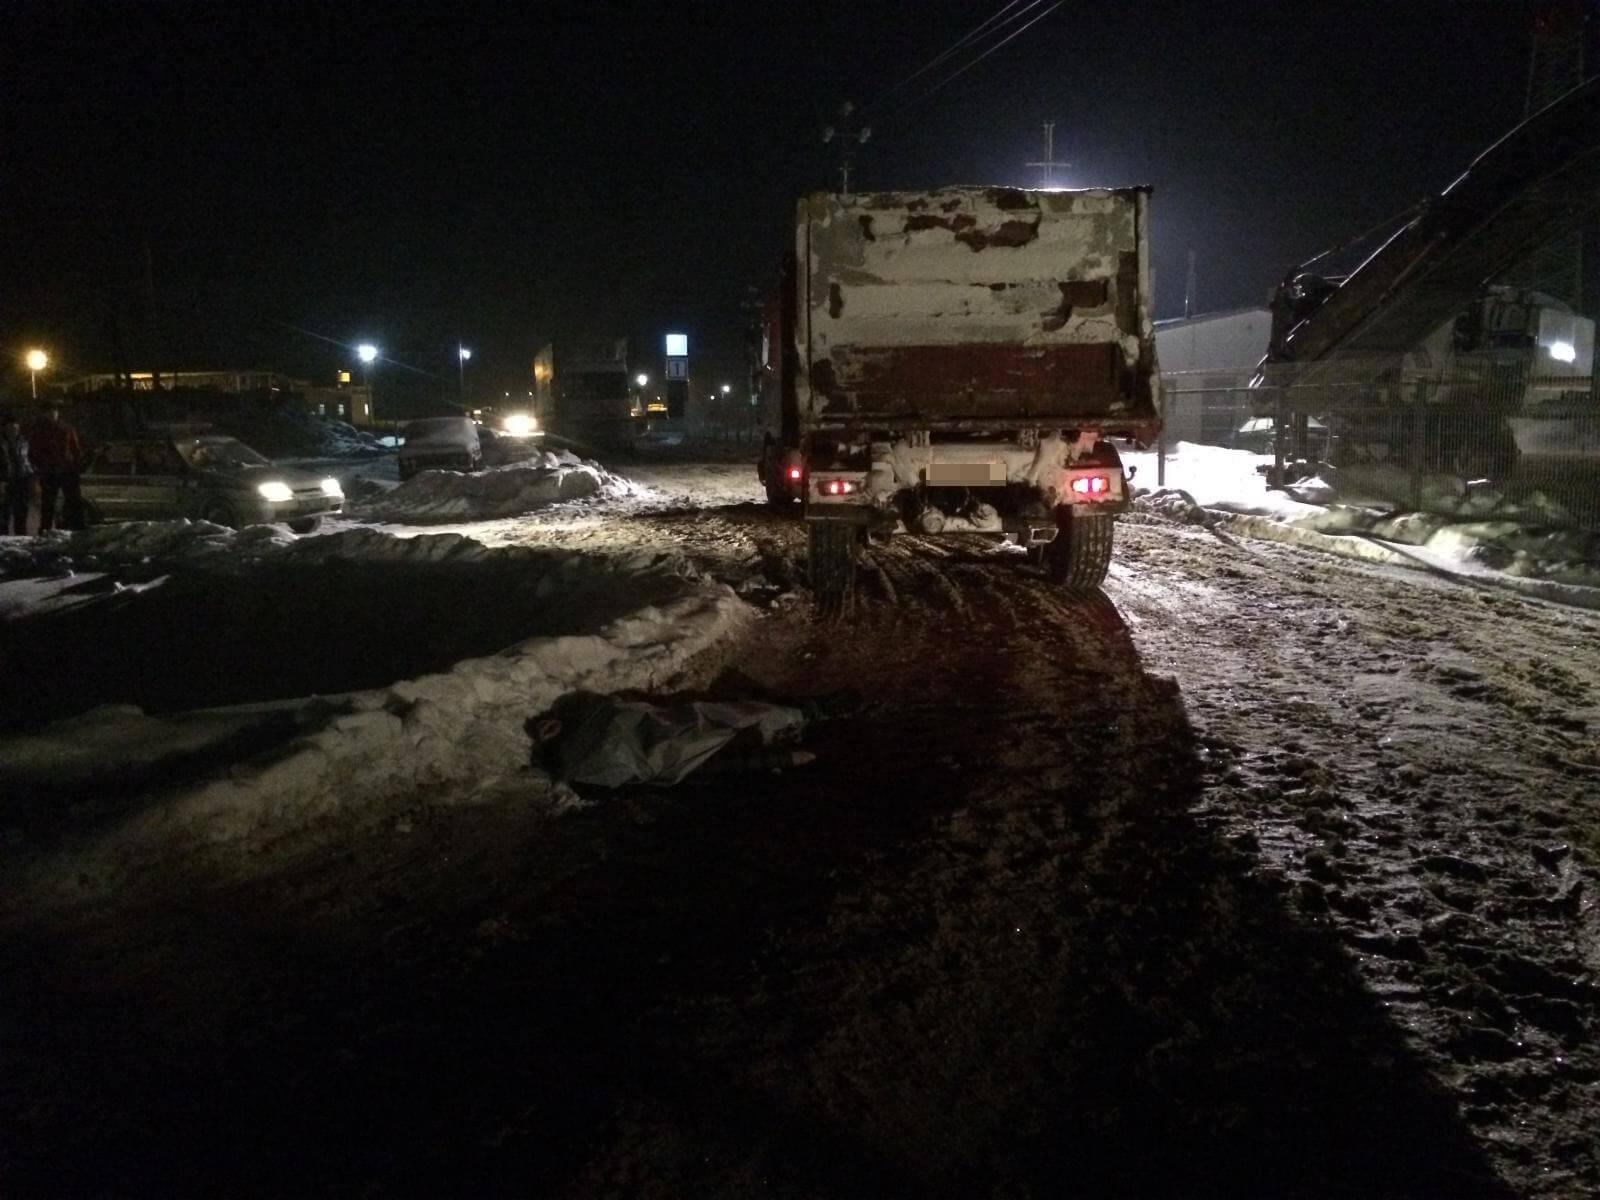 За 3 дня в ДТП на дорогах области 3 человека погибли и 17 человек получили различные травмы